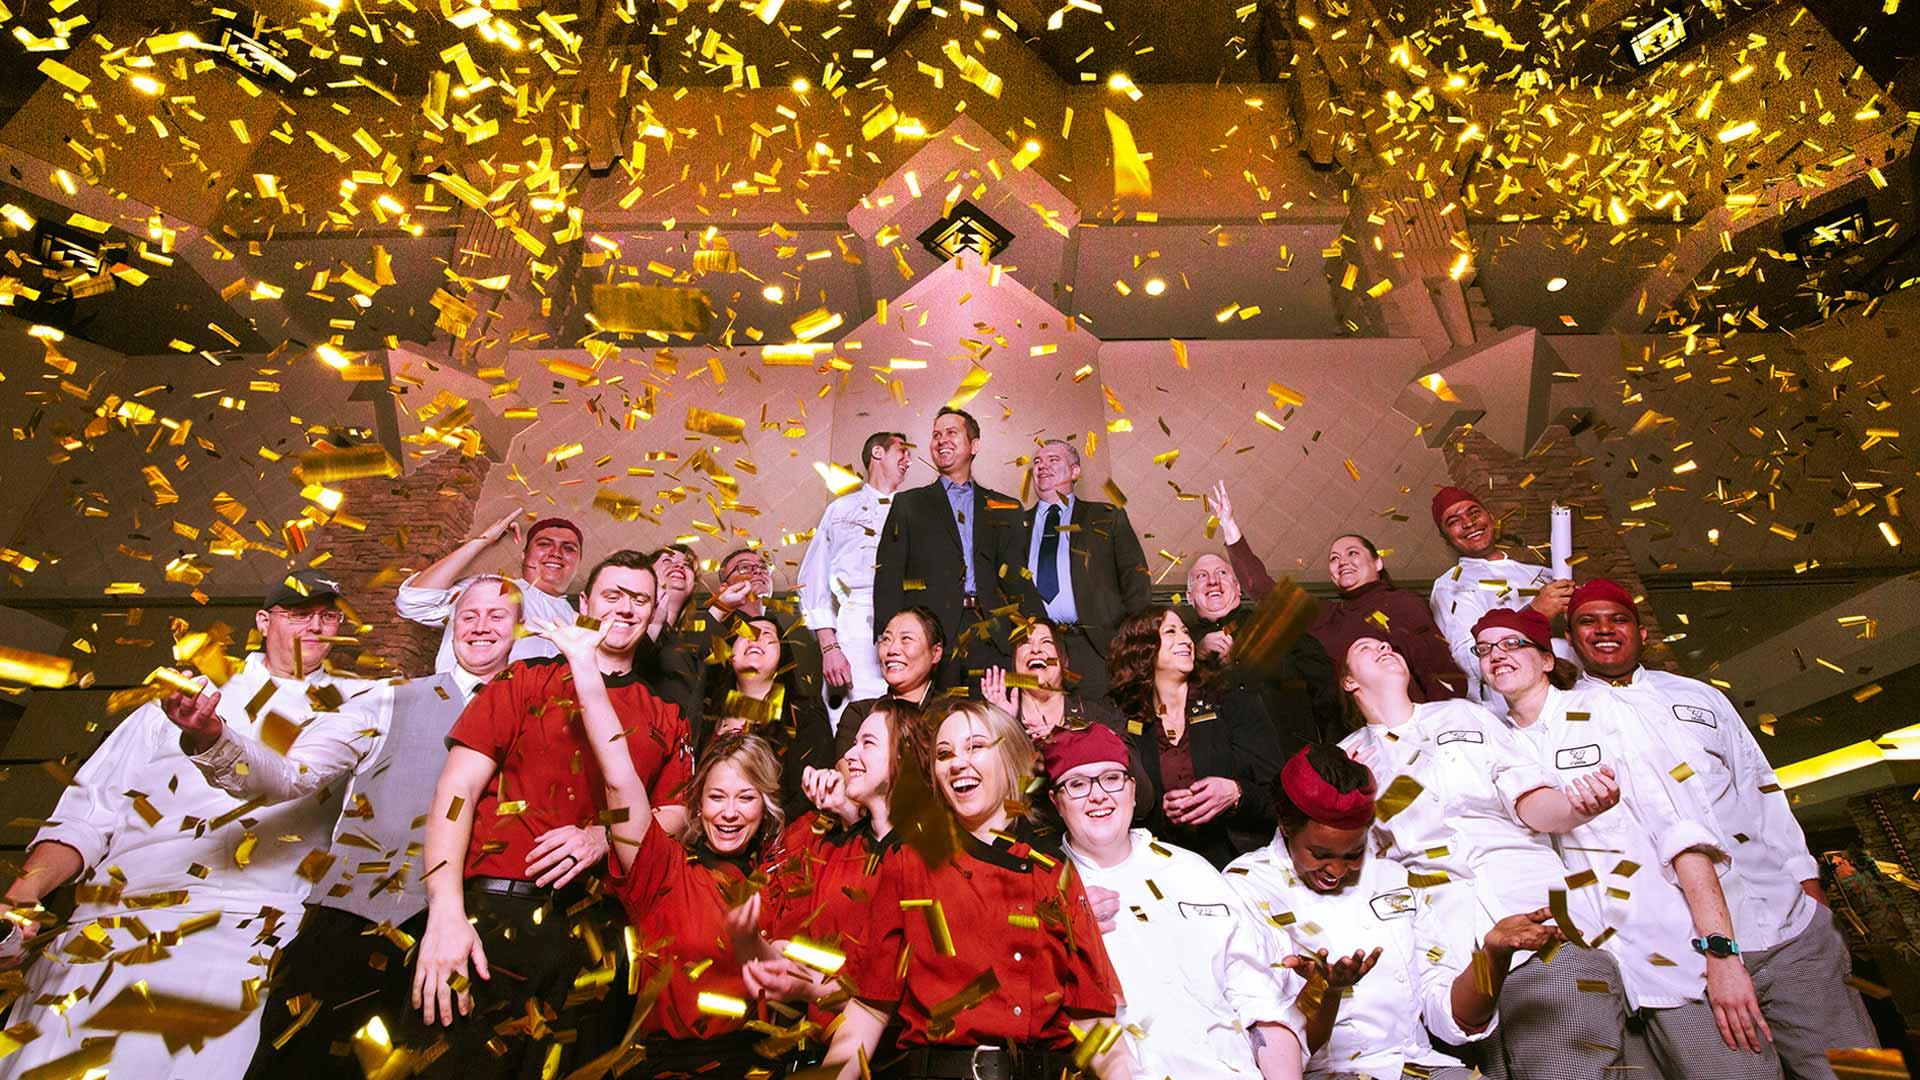 staff photo with confetti